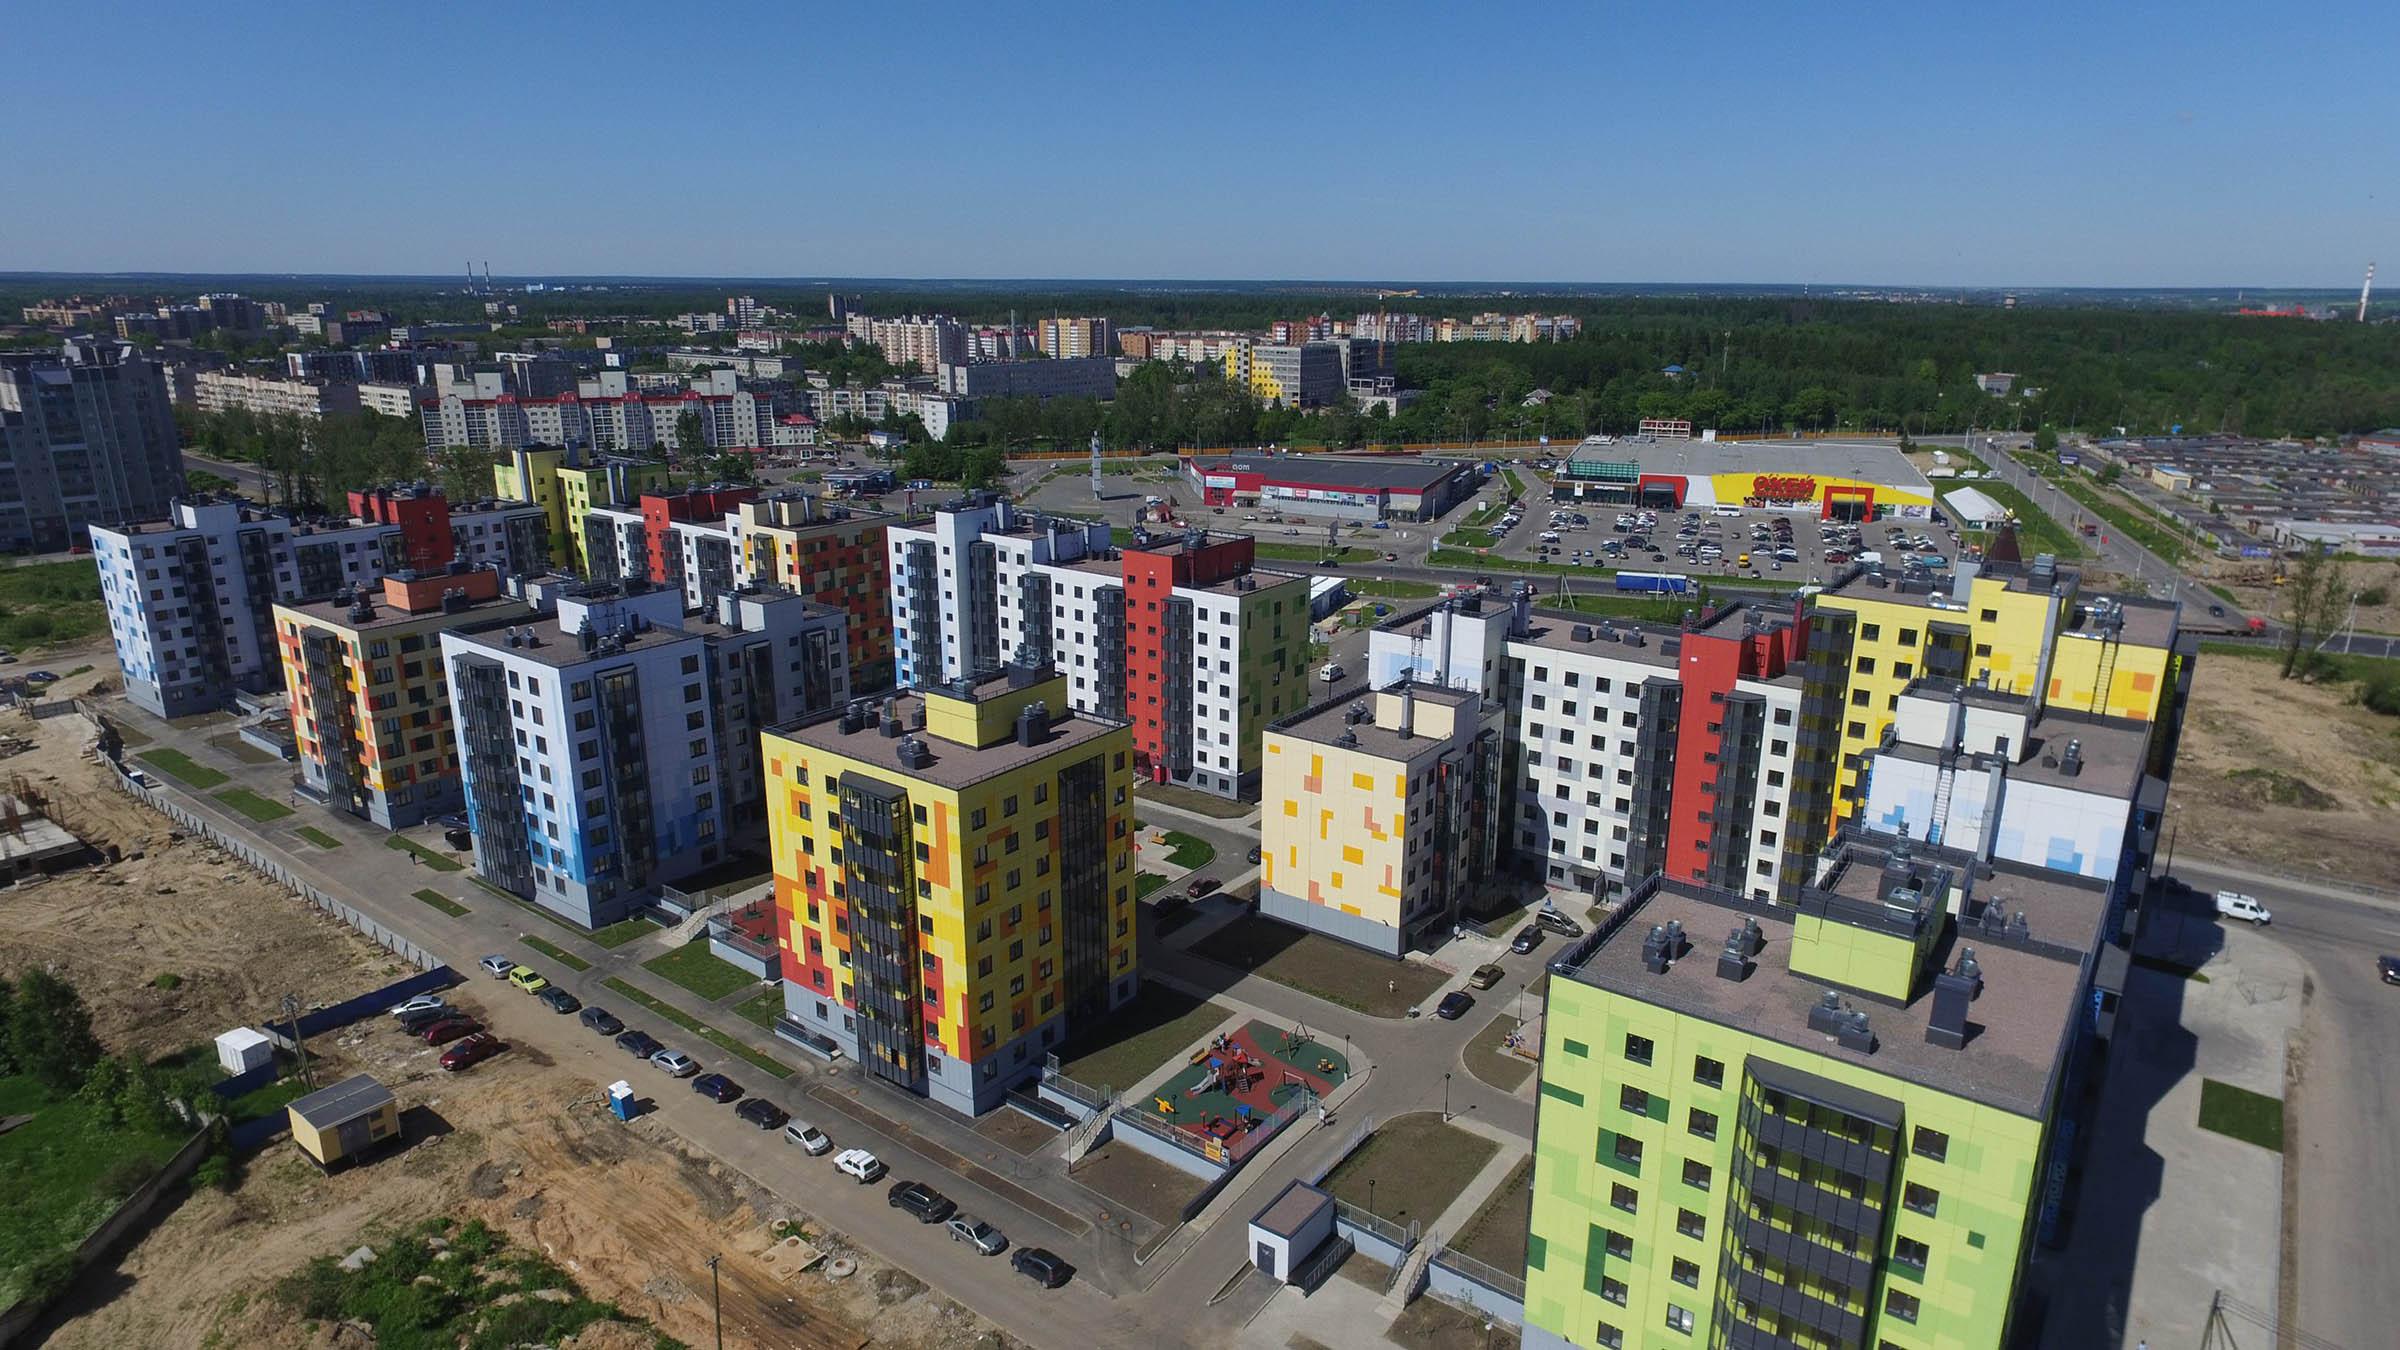 4cc15db28850d Яна Булмистре, руководитель отдела маркетинга строительно-инвестиционного  холдинга «Аквилон-Инвест» в Санкт-Петербурге: «Цены к началу года,  действительно, ...